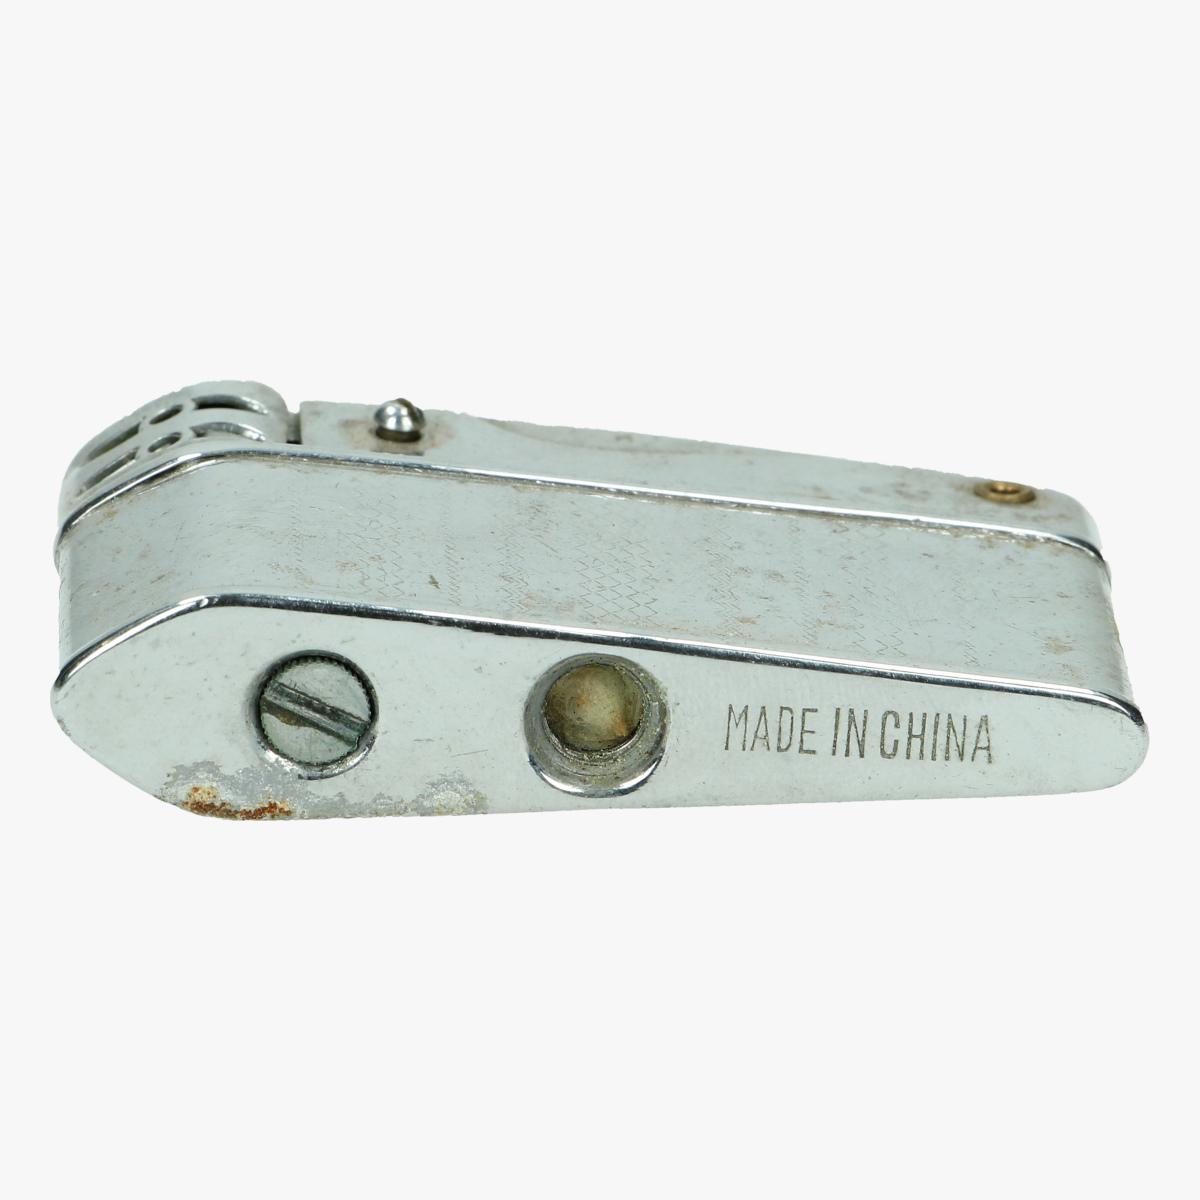 Afbeeldingen van oude aansteker made in china